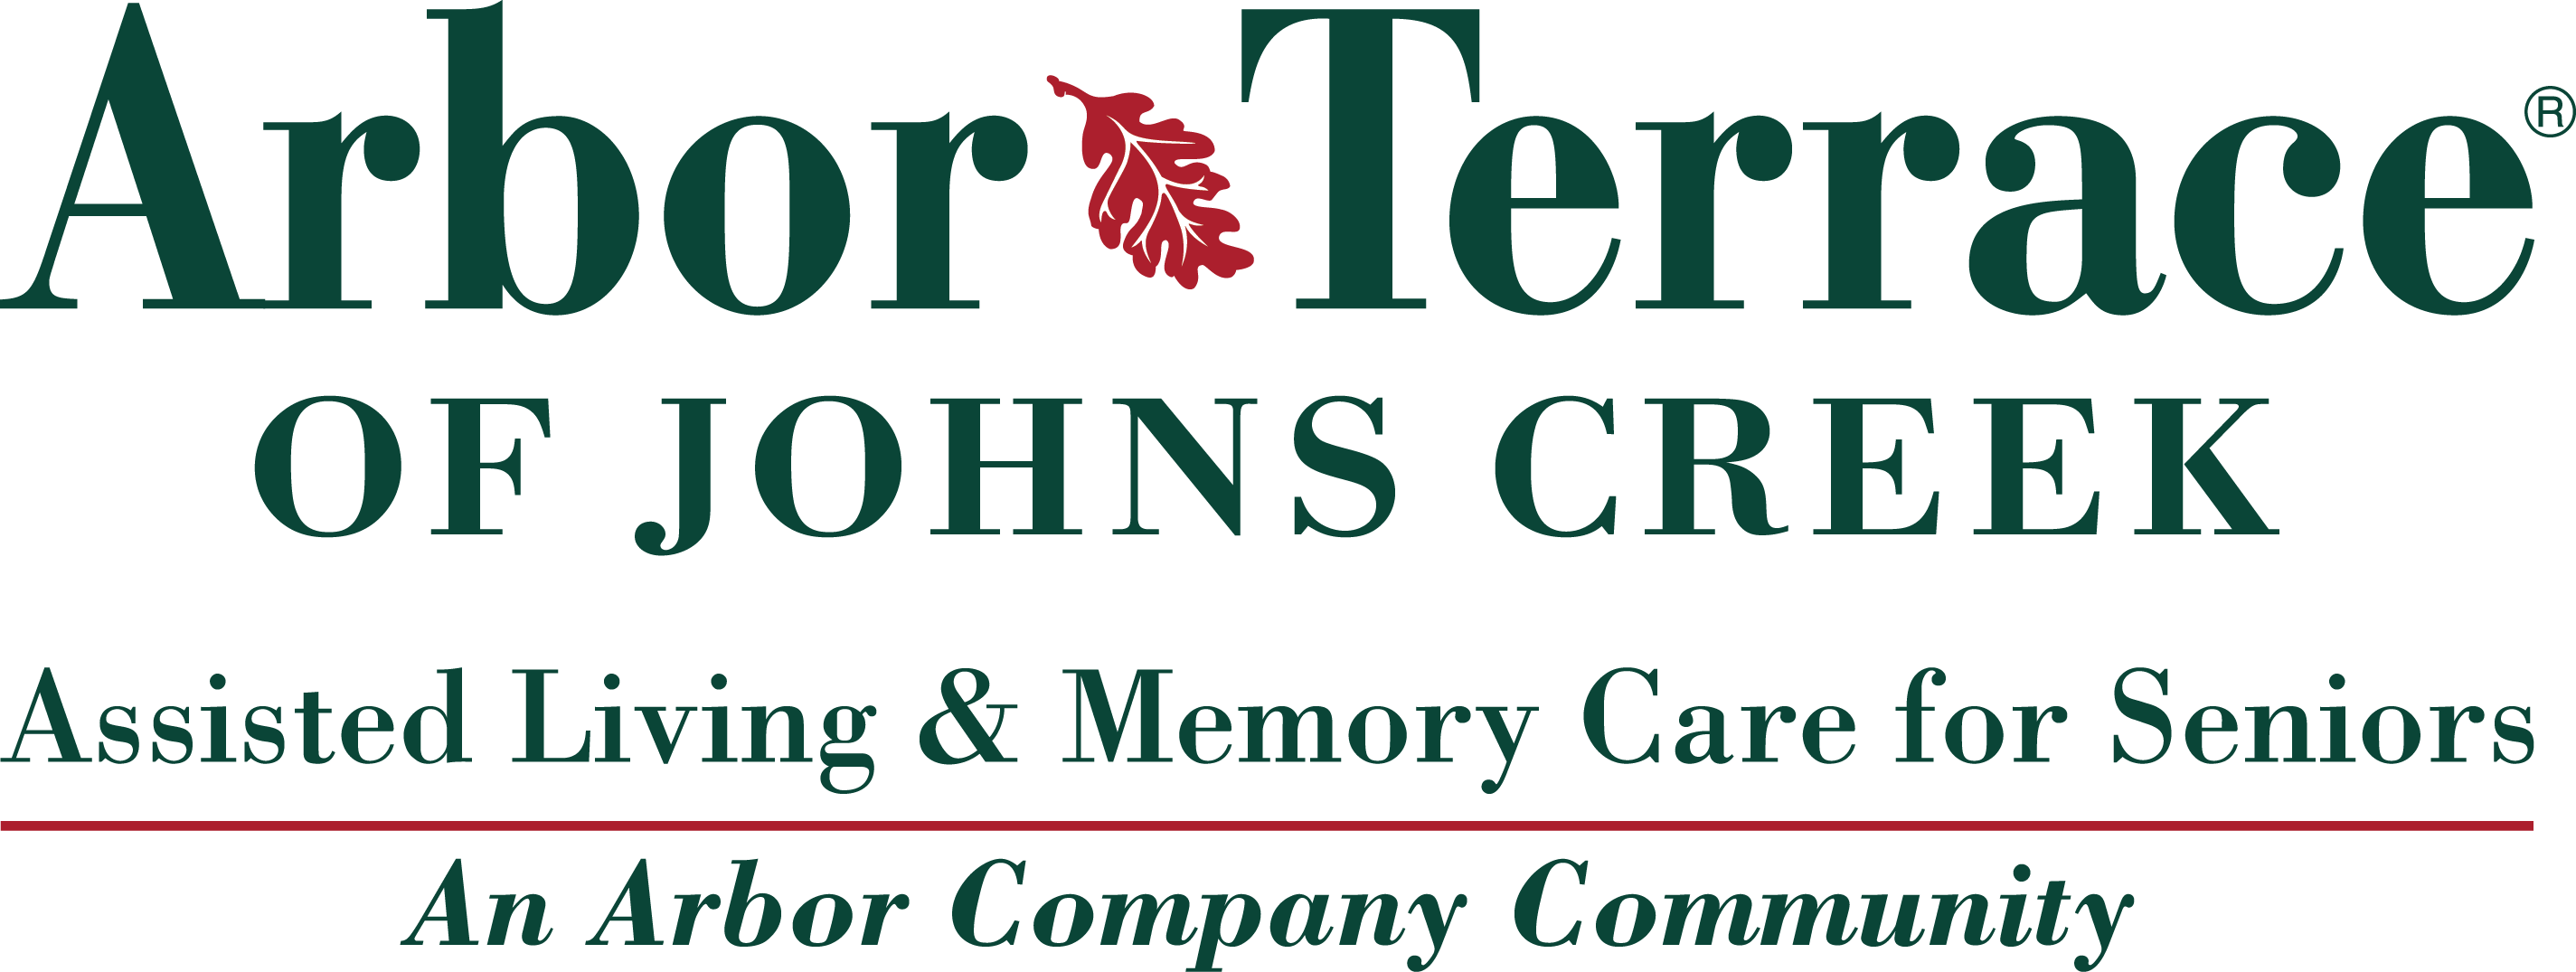 AT-Johns-Creek-Logo